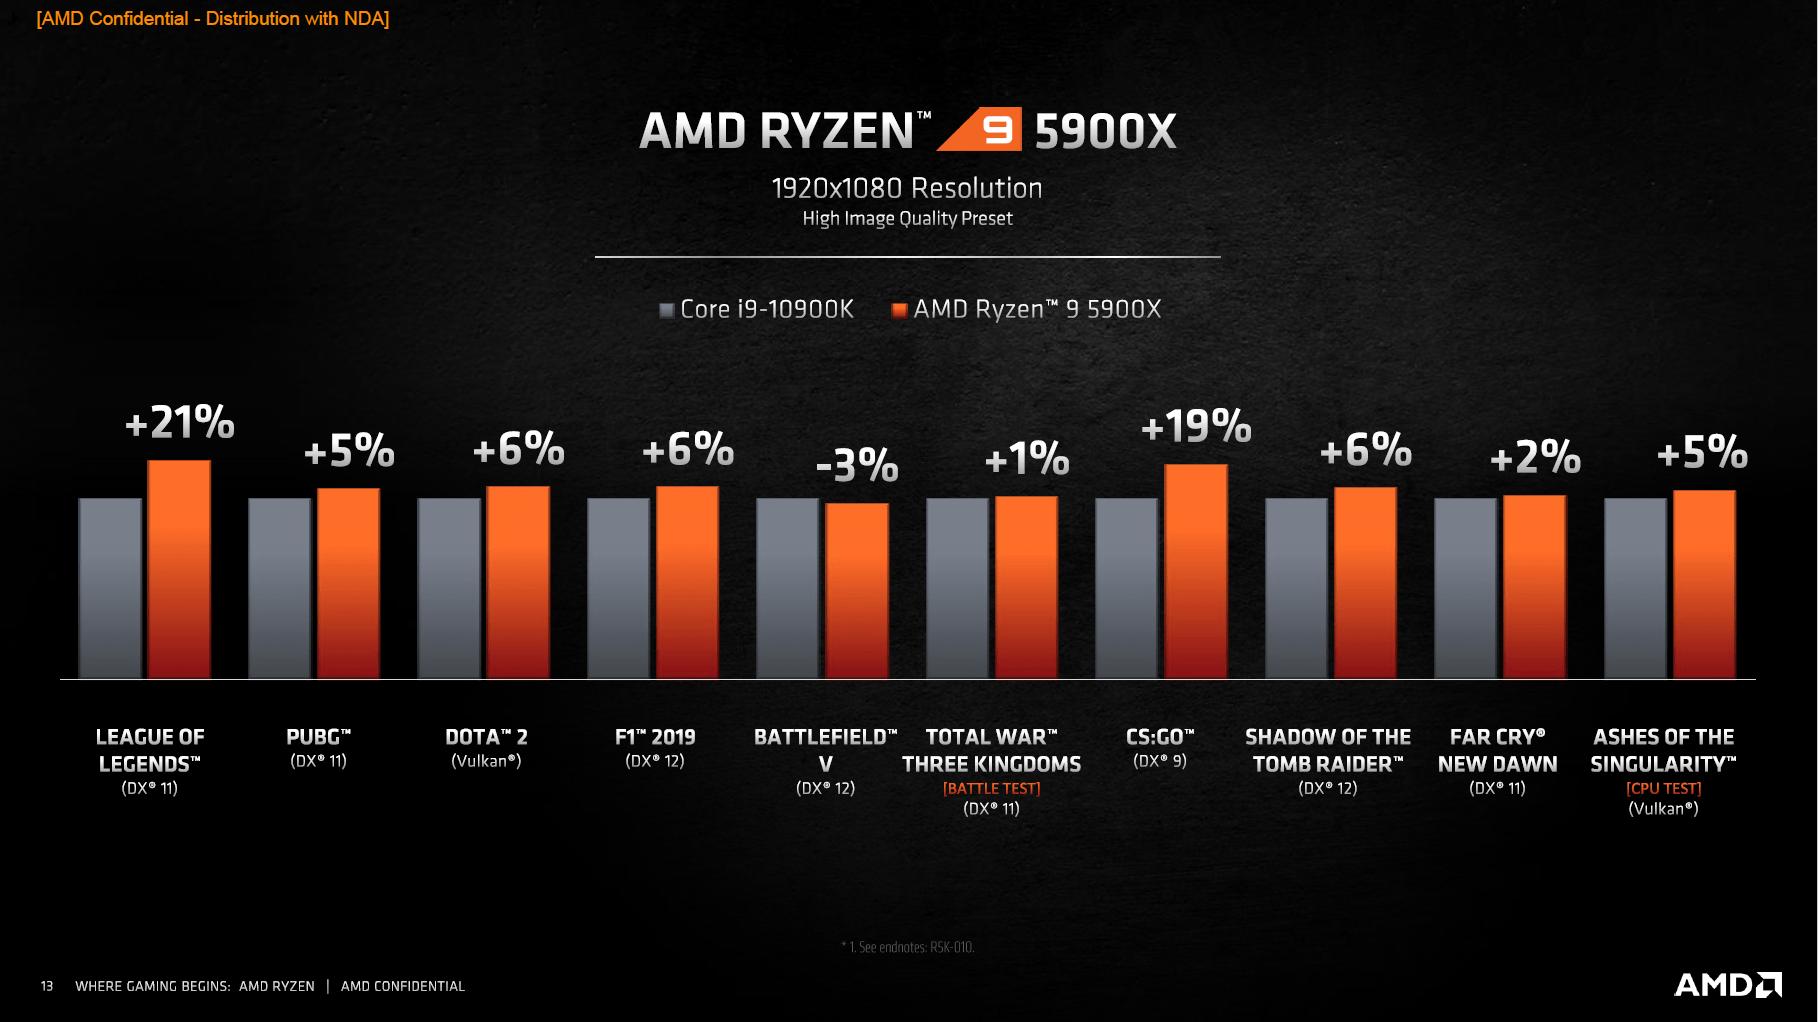 Spielebenchmarks von AMD Ryzen 9 5900X gegen Intel Core i9-10900K